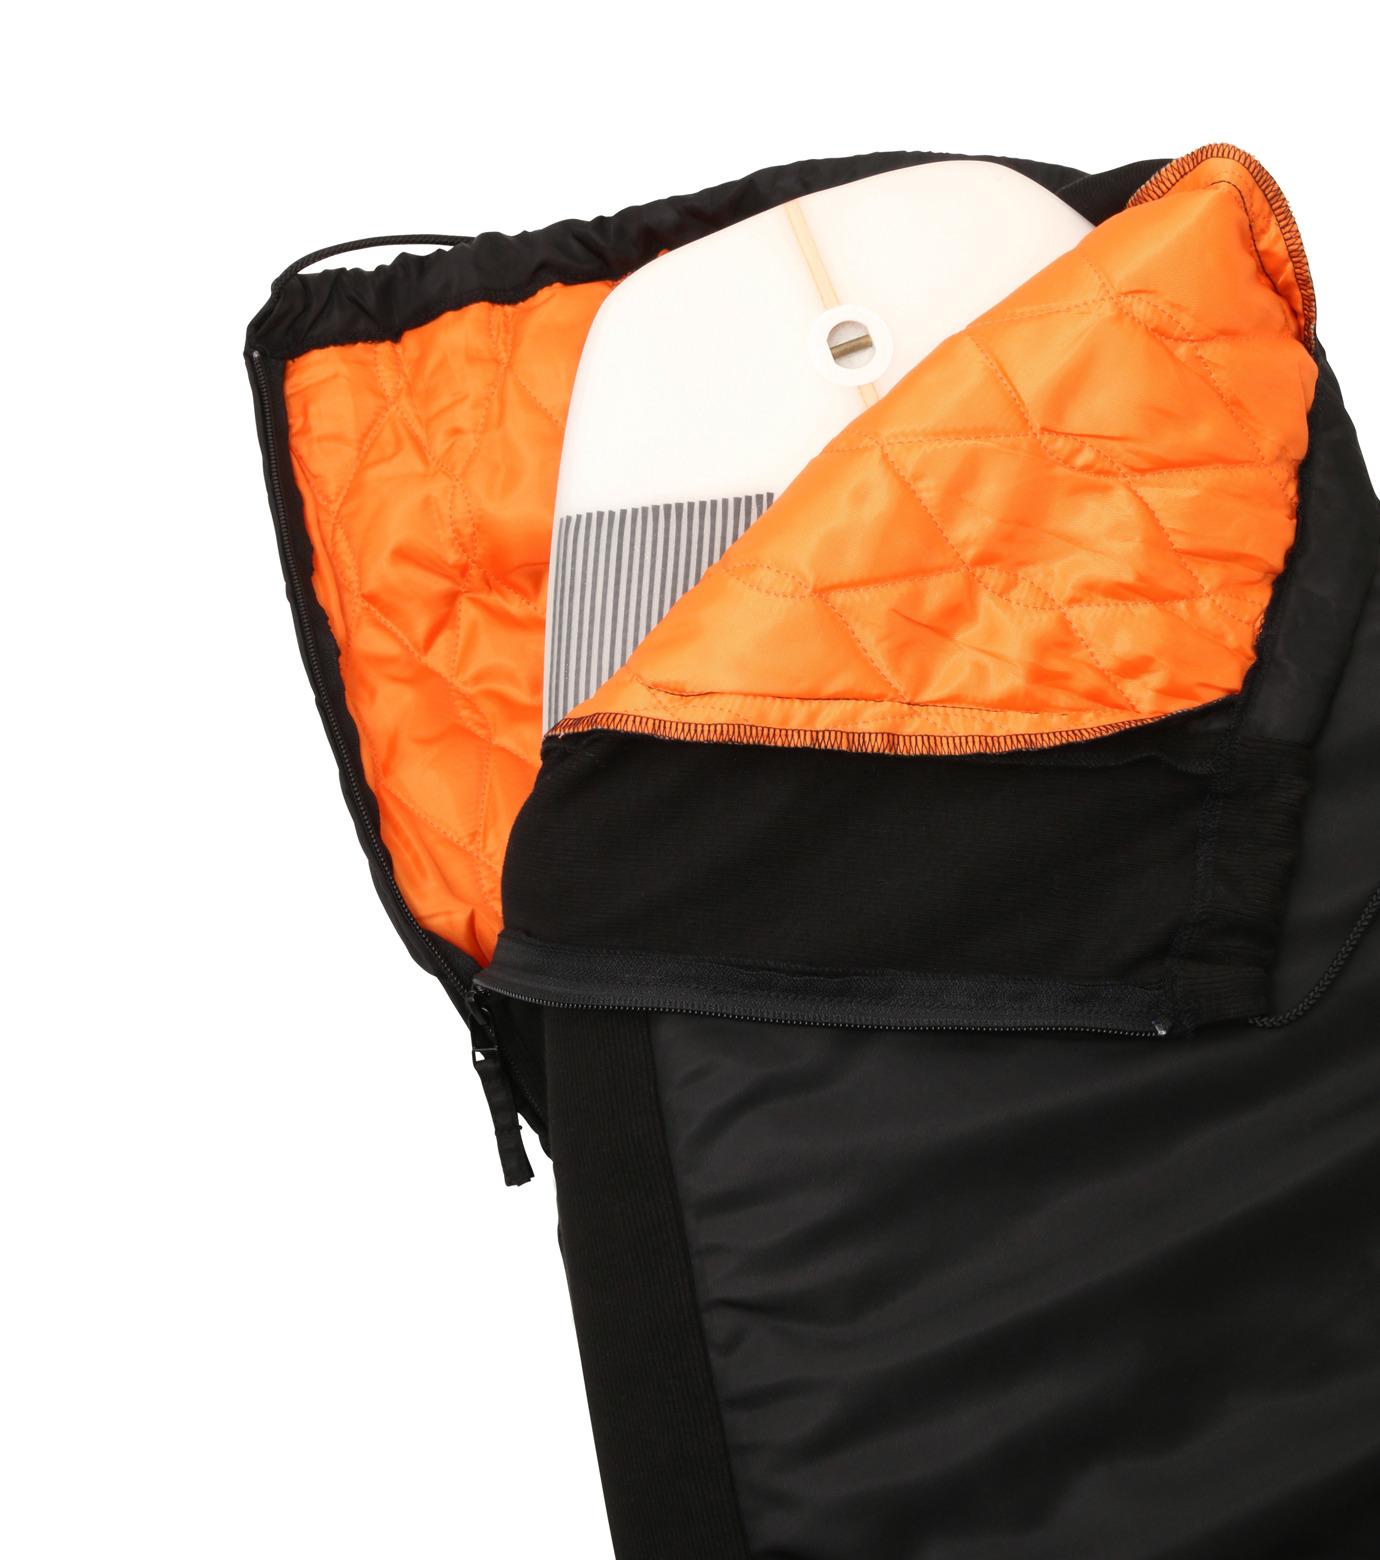 HEY YOU !(ヘイユウ)のSurfboard Jacket Short-BLACK(サーフ/OUTDOOR/surf/OUTDOOR)-18S90007-13 拡大詳細画像5